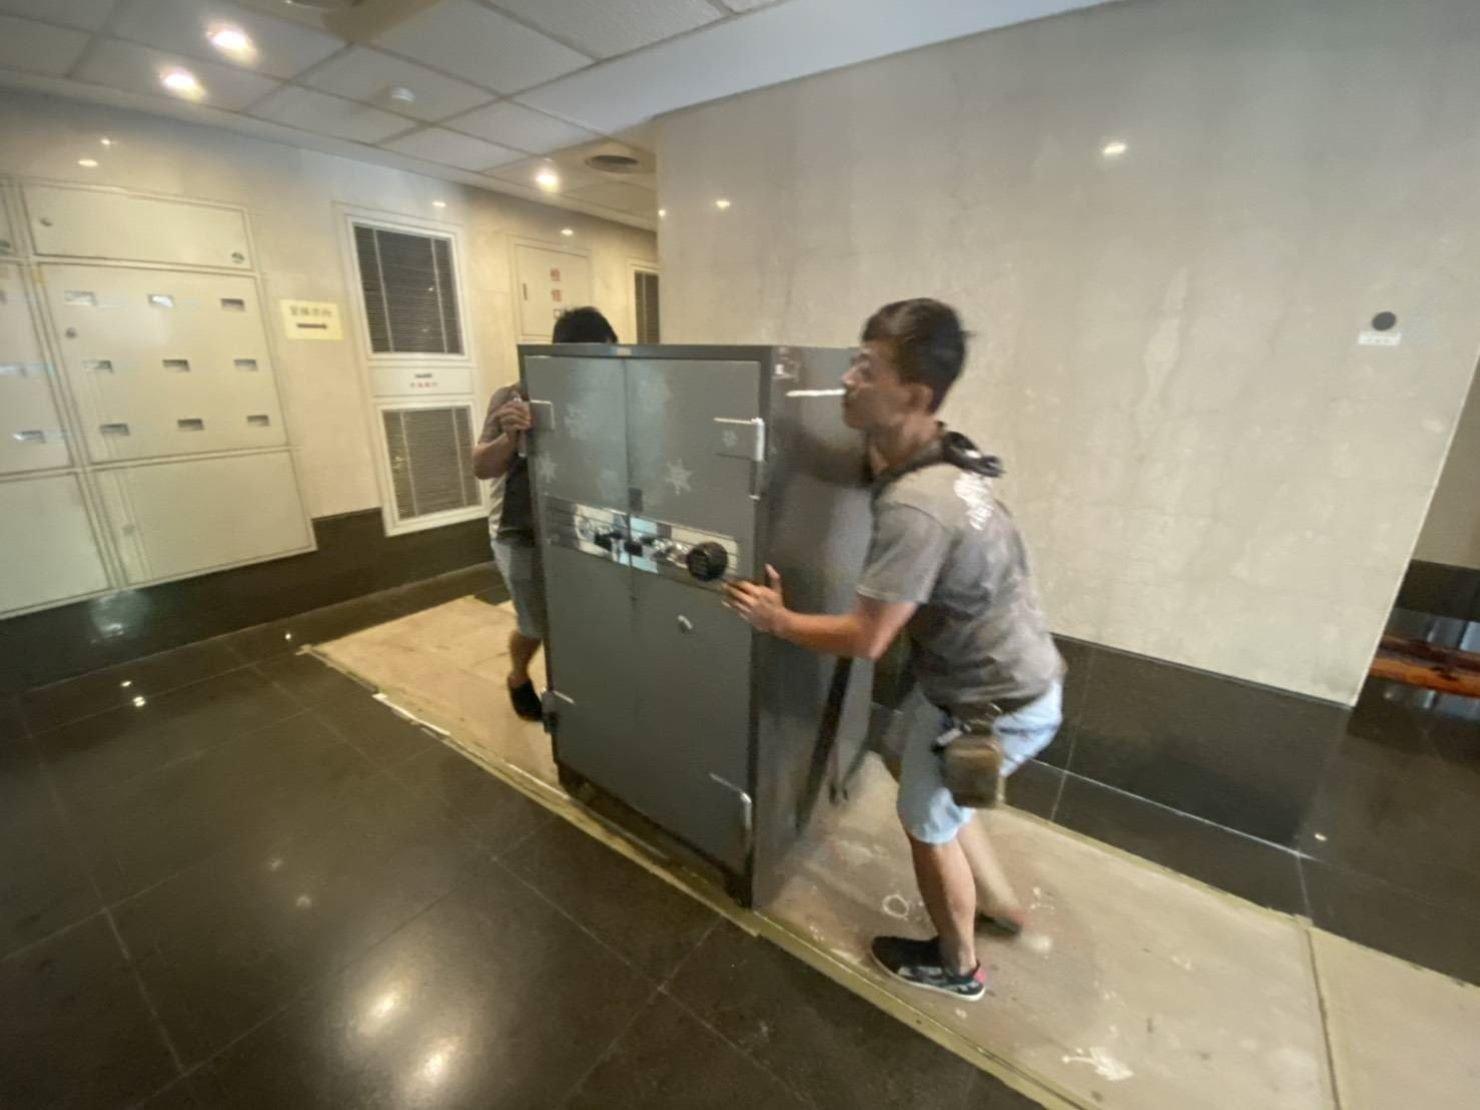 【榮福搬家公司】搬家首選、公司企業推薦:重物搬運服務重達600公斤以上的金庫搬運、保險櫃吊掛搬運,包裝搬運「細膩包裝、專業搬運、用心服務、以客為尊」是榮福搬家公司的宗旨與精神。歡迎立即來電02-2651-2727專人服務。